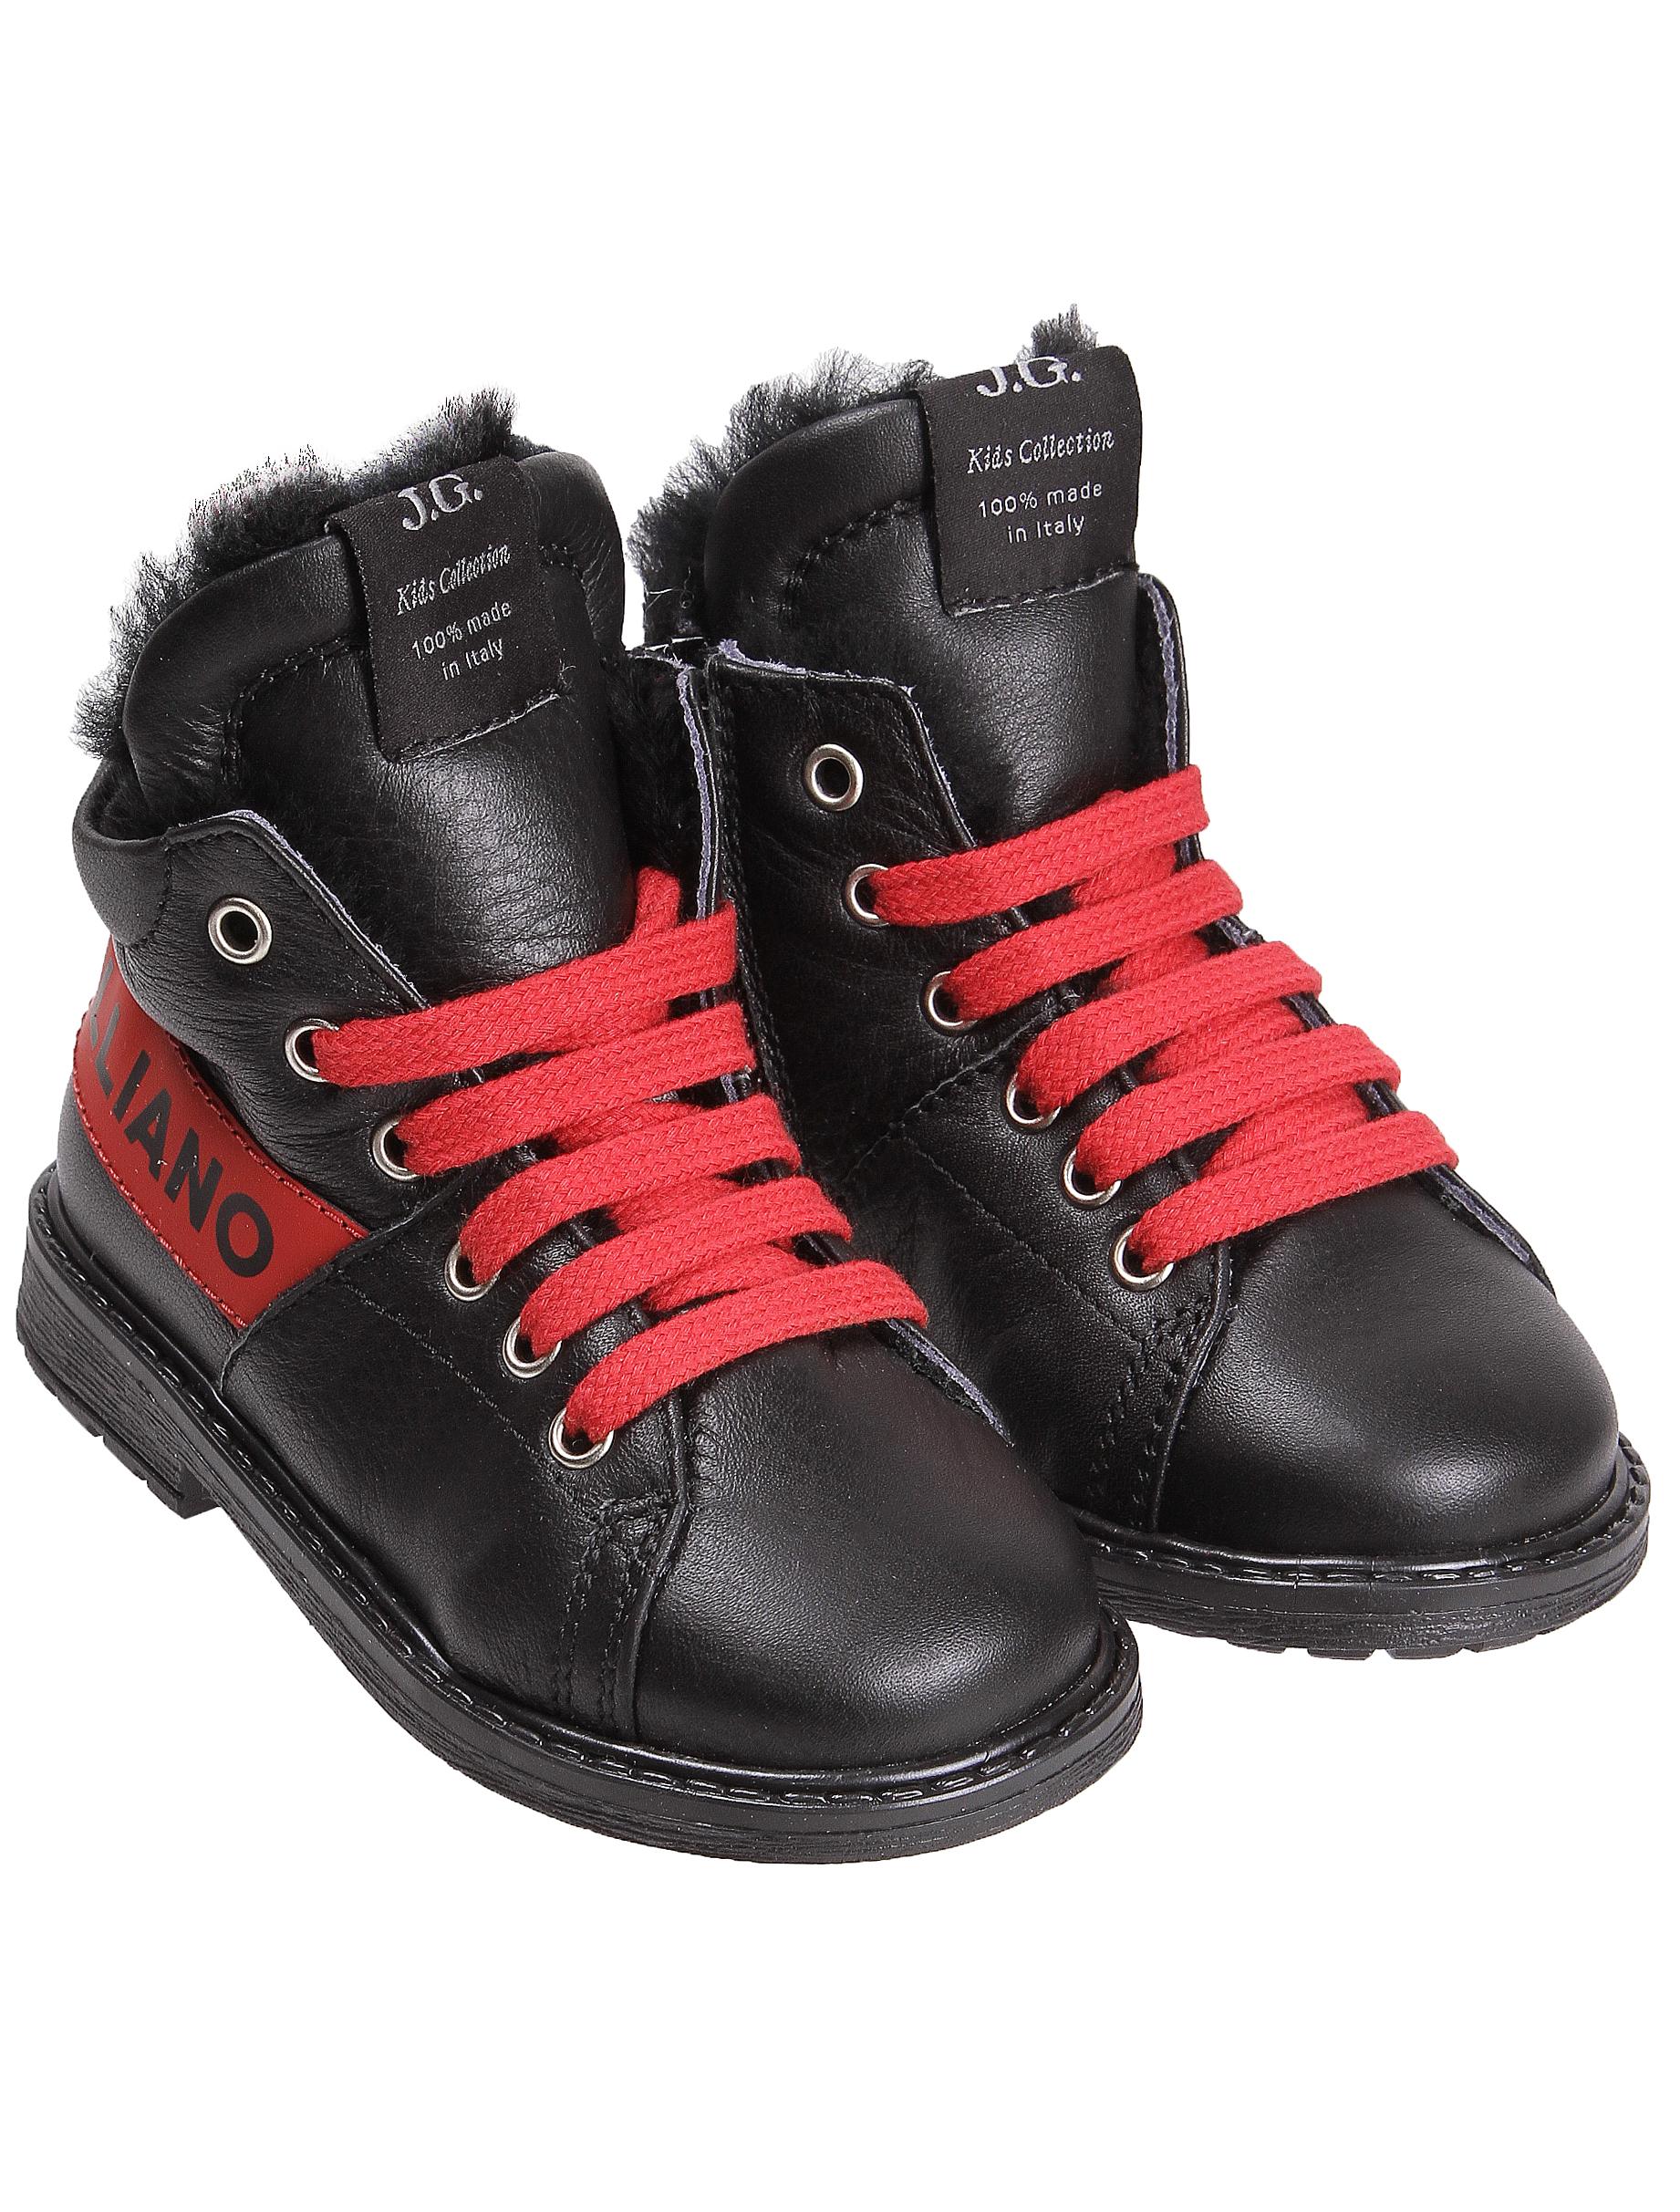 Купить 1916829, Ботинки John Galliano, черный, Мужской, 2031119880847